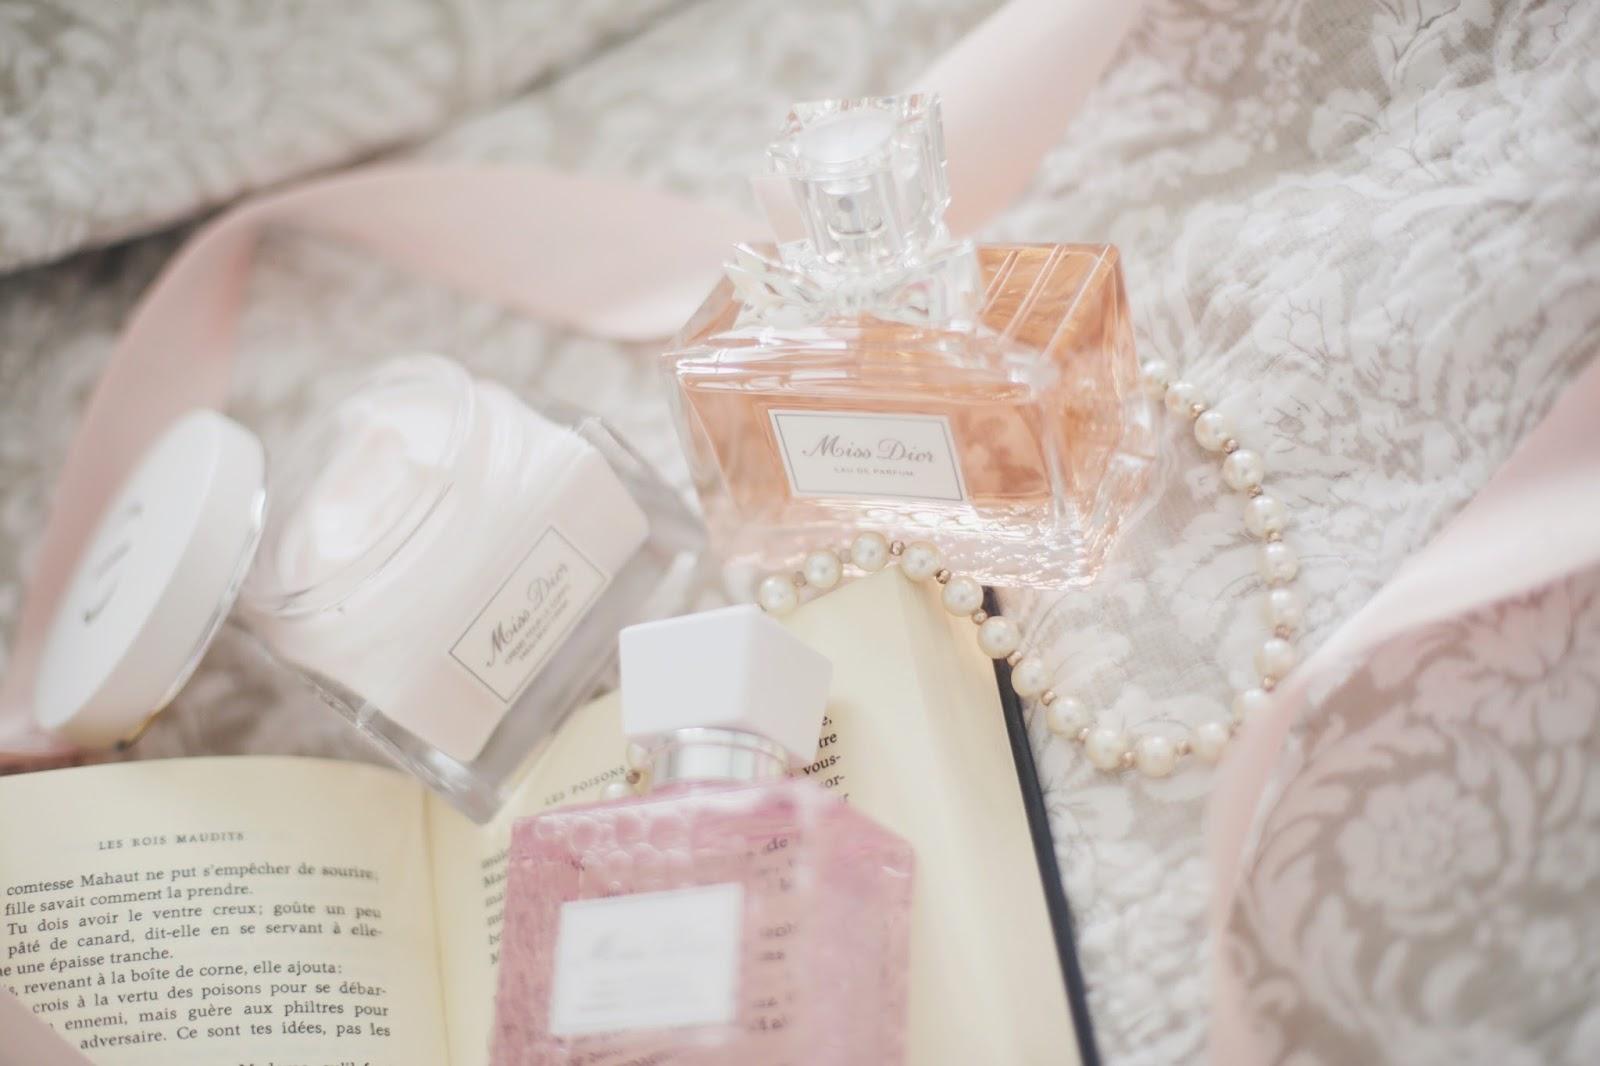 miss dior parfum campagne